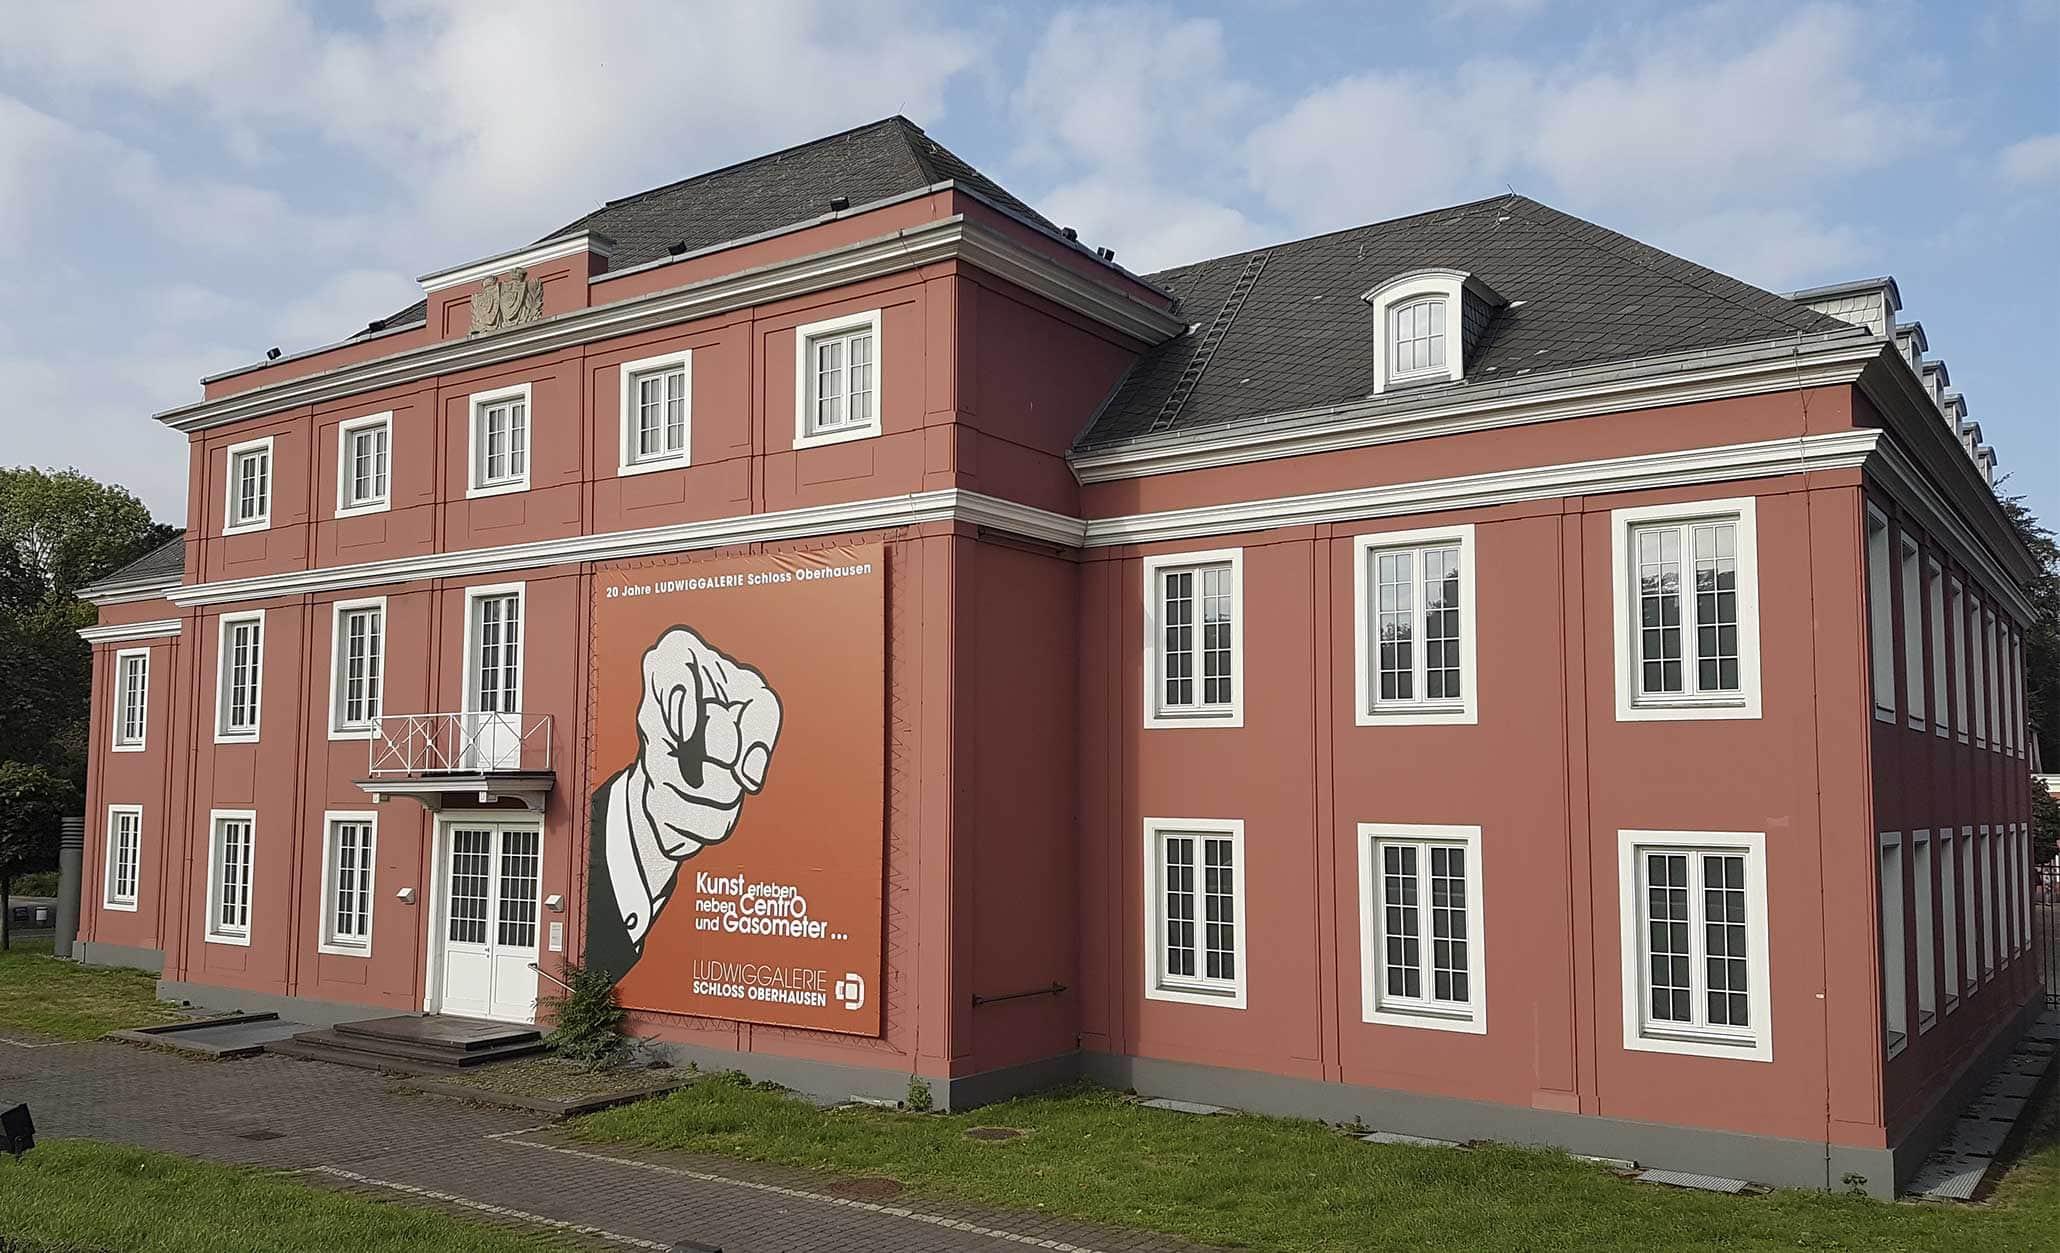 """Gruppenausstellung """"Die Geste"""" im Schloss Oberhausen, 23. September 2018 bis 13. Januar 2019. Im Bild: Schloss Oberhausen."""